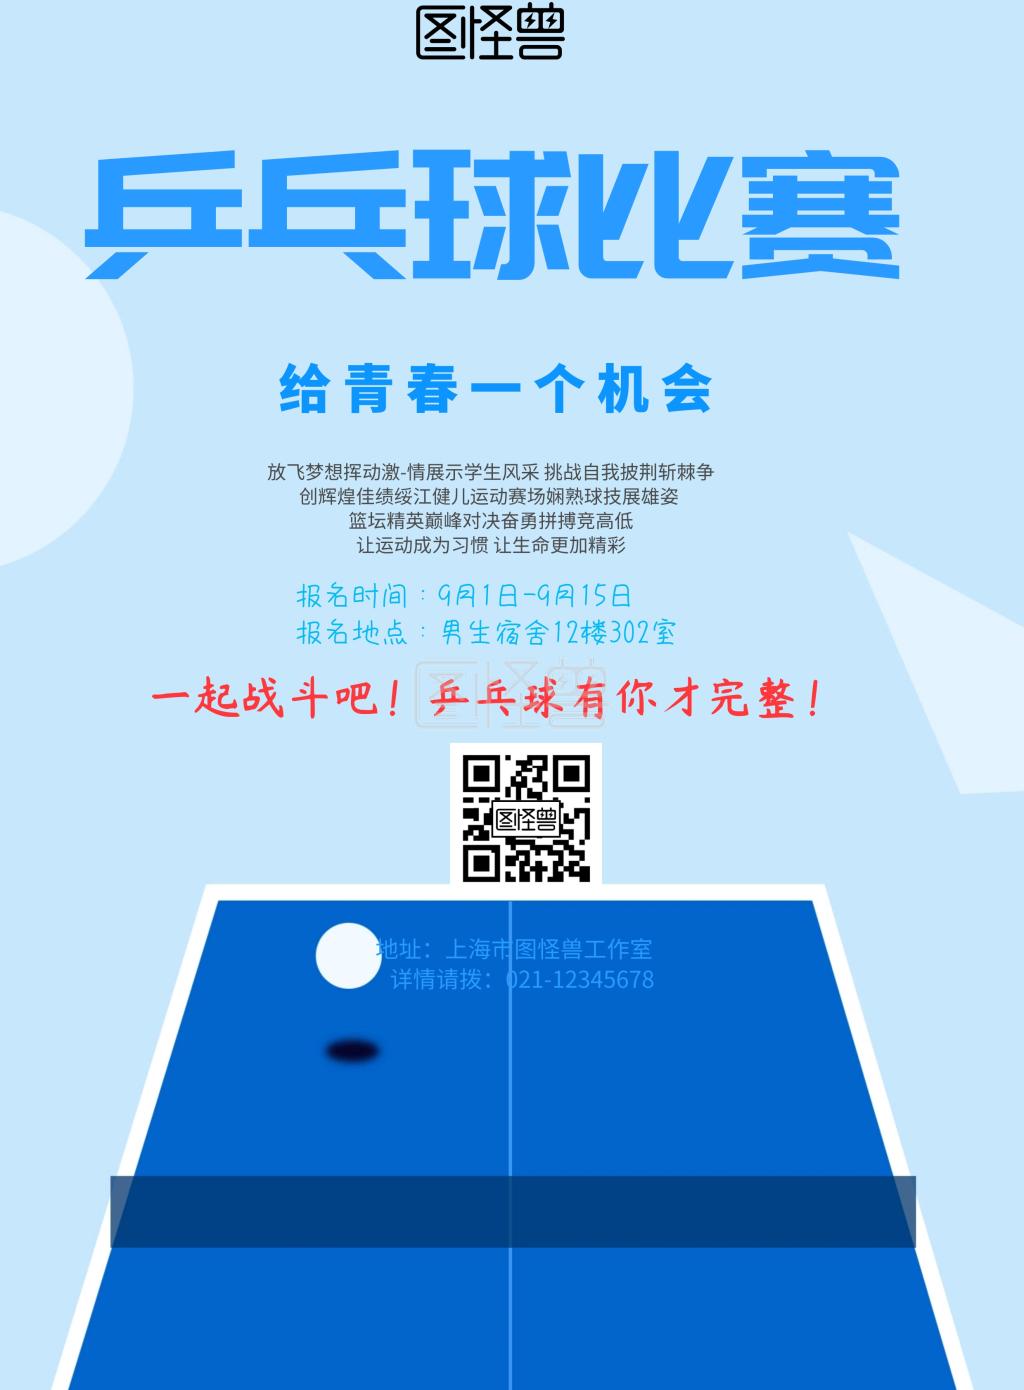 劳动竞赛宣传海报_乒乓球比赛-简约风格乒乓球比赛宣传海报在线图片制作-图怪兽